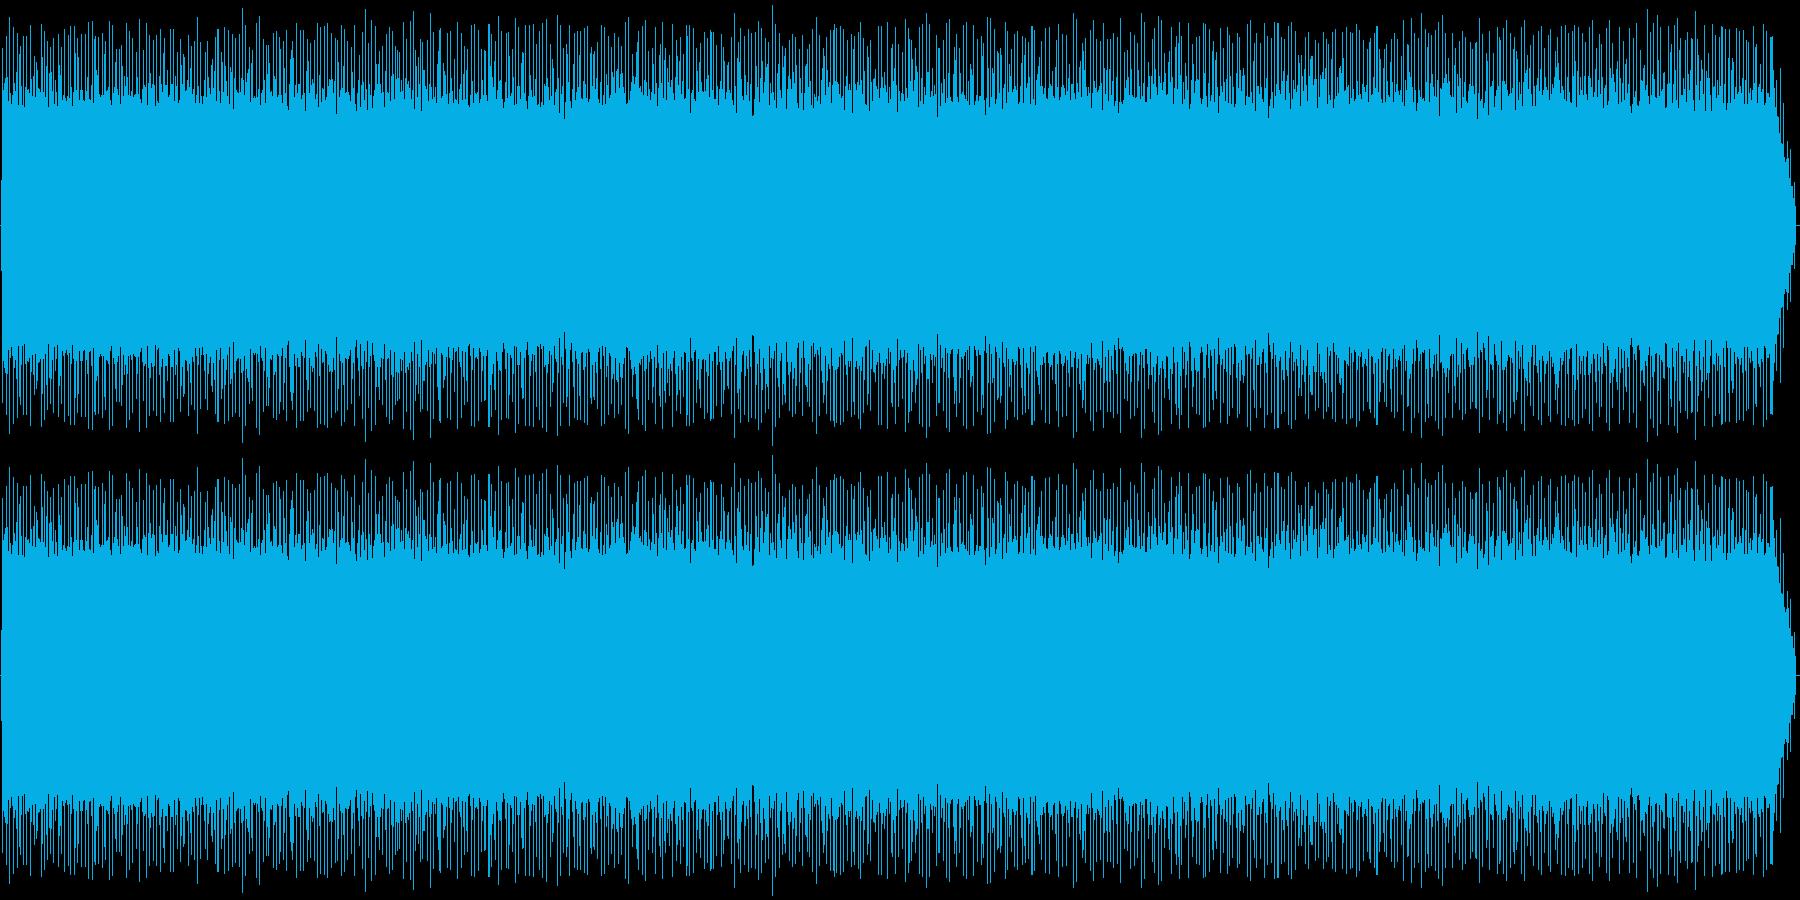 車内(車)環境音の再生済みの波形